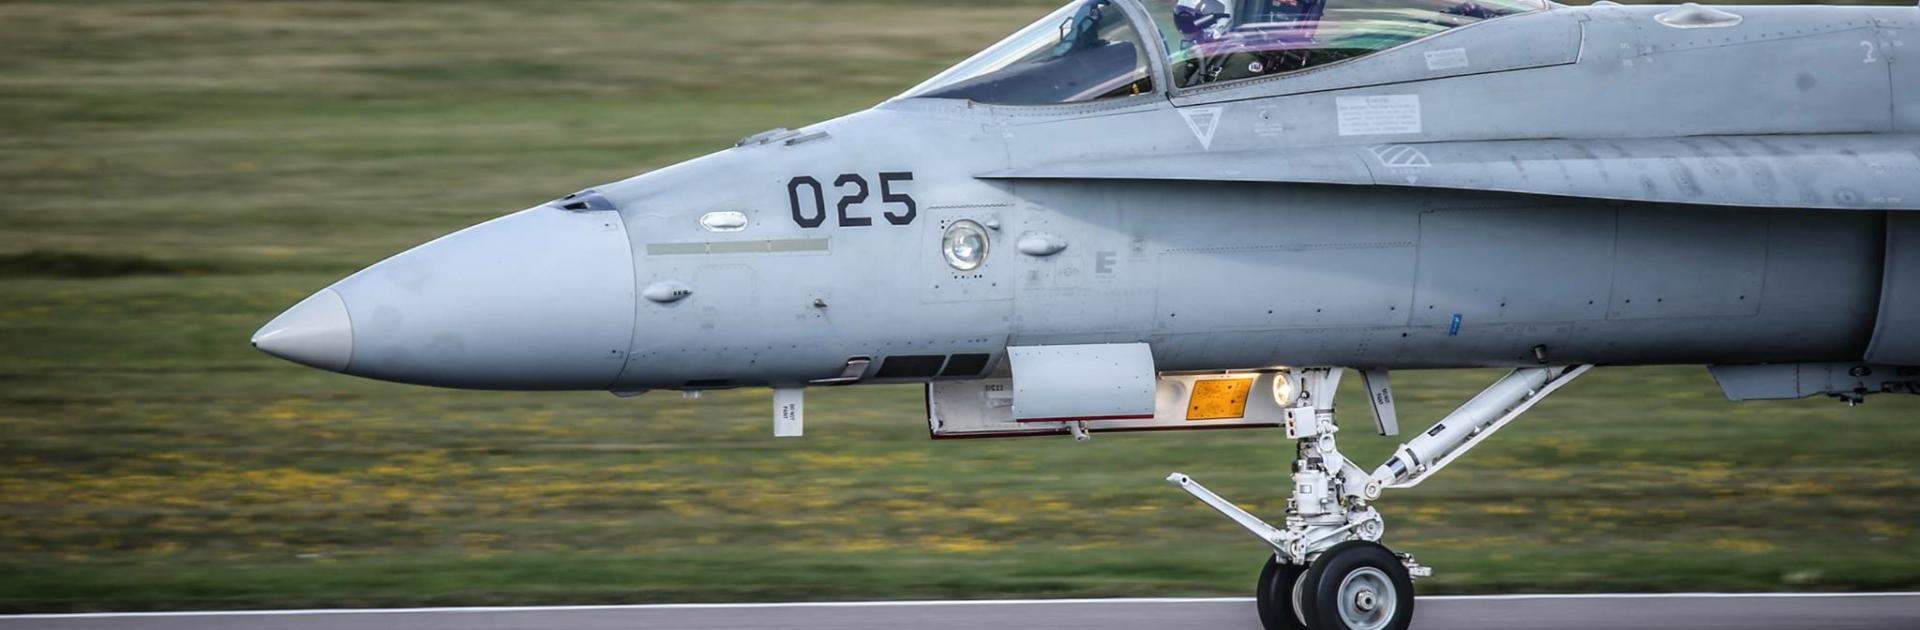 Smörjmedel - Försvar/ Flyg från JJ Supply